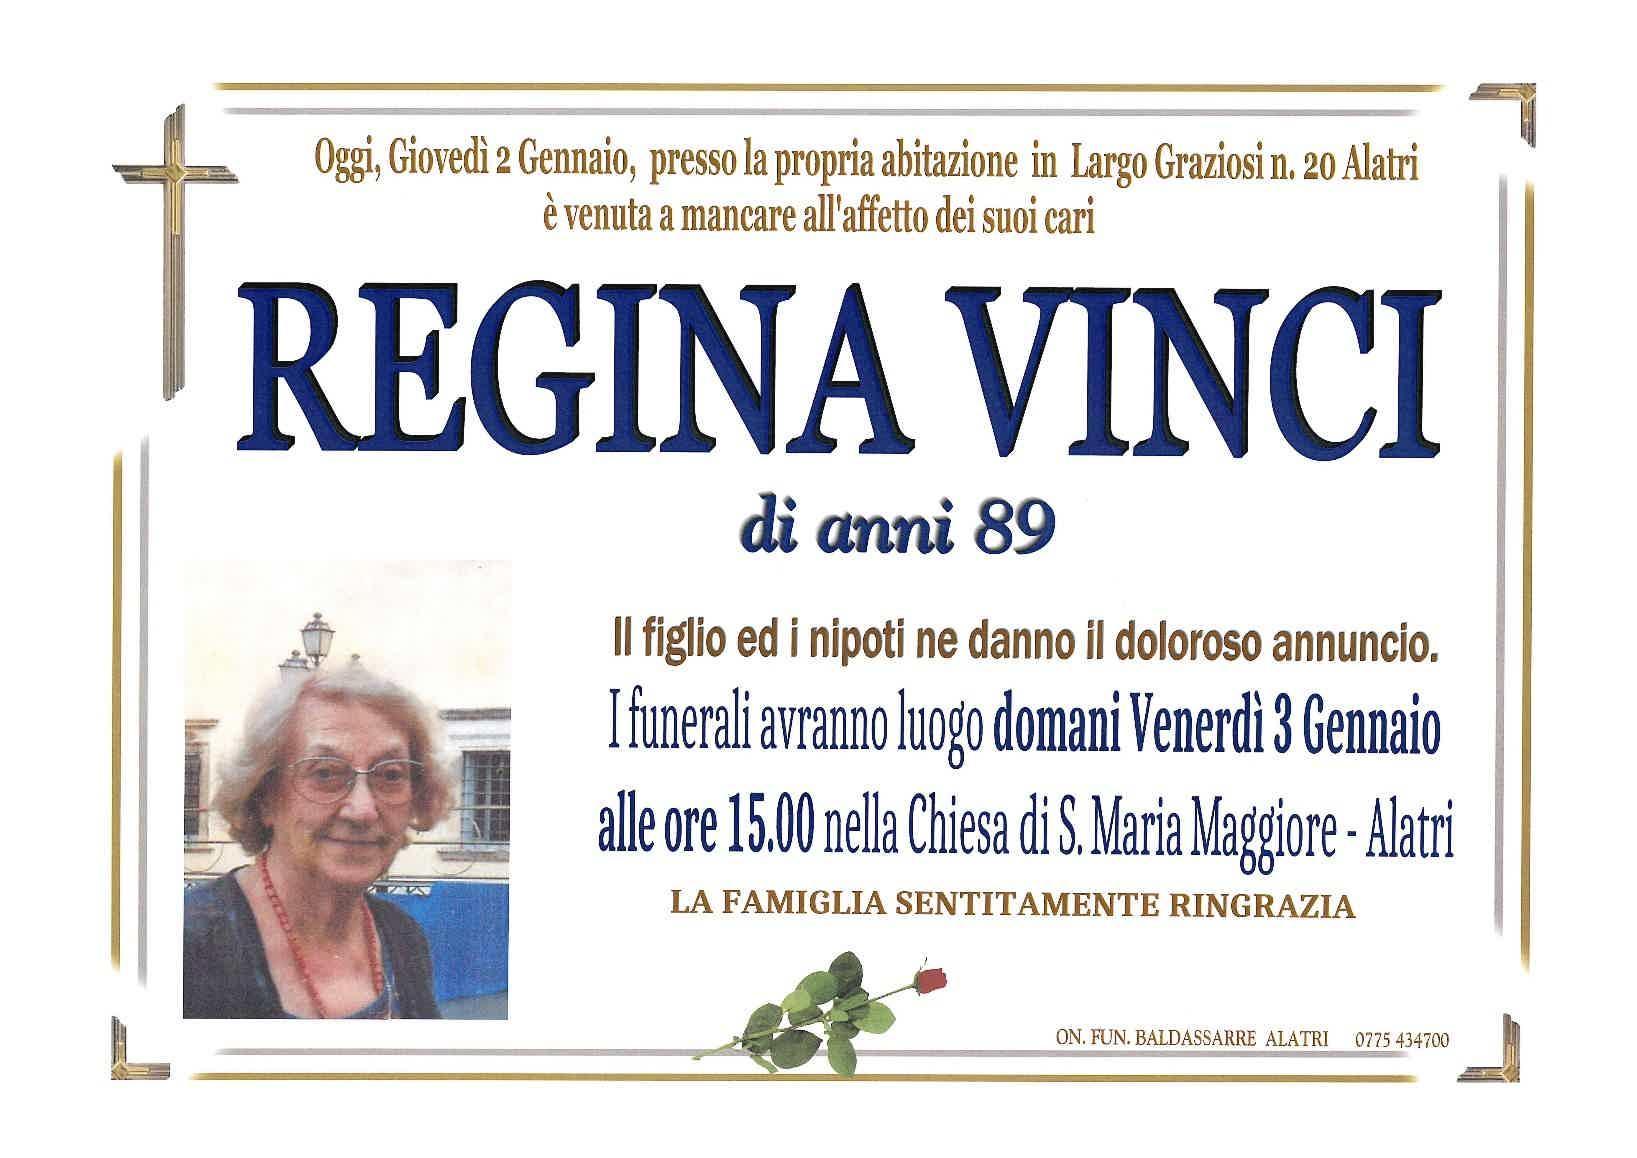 Regina Vinci